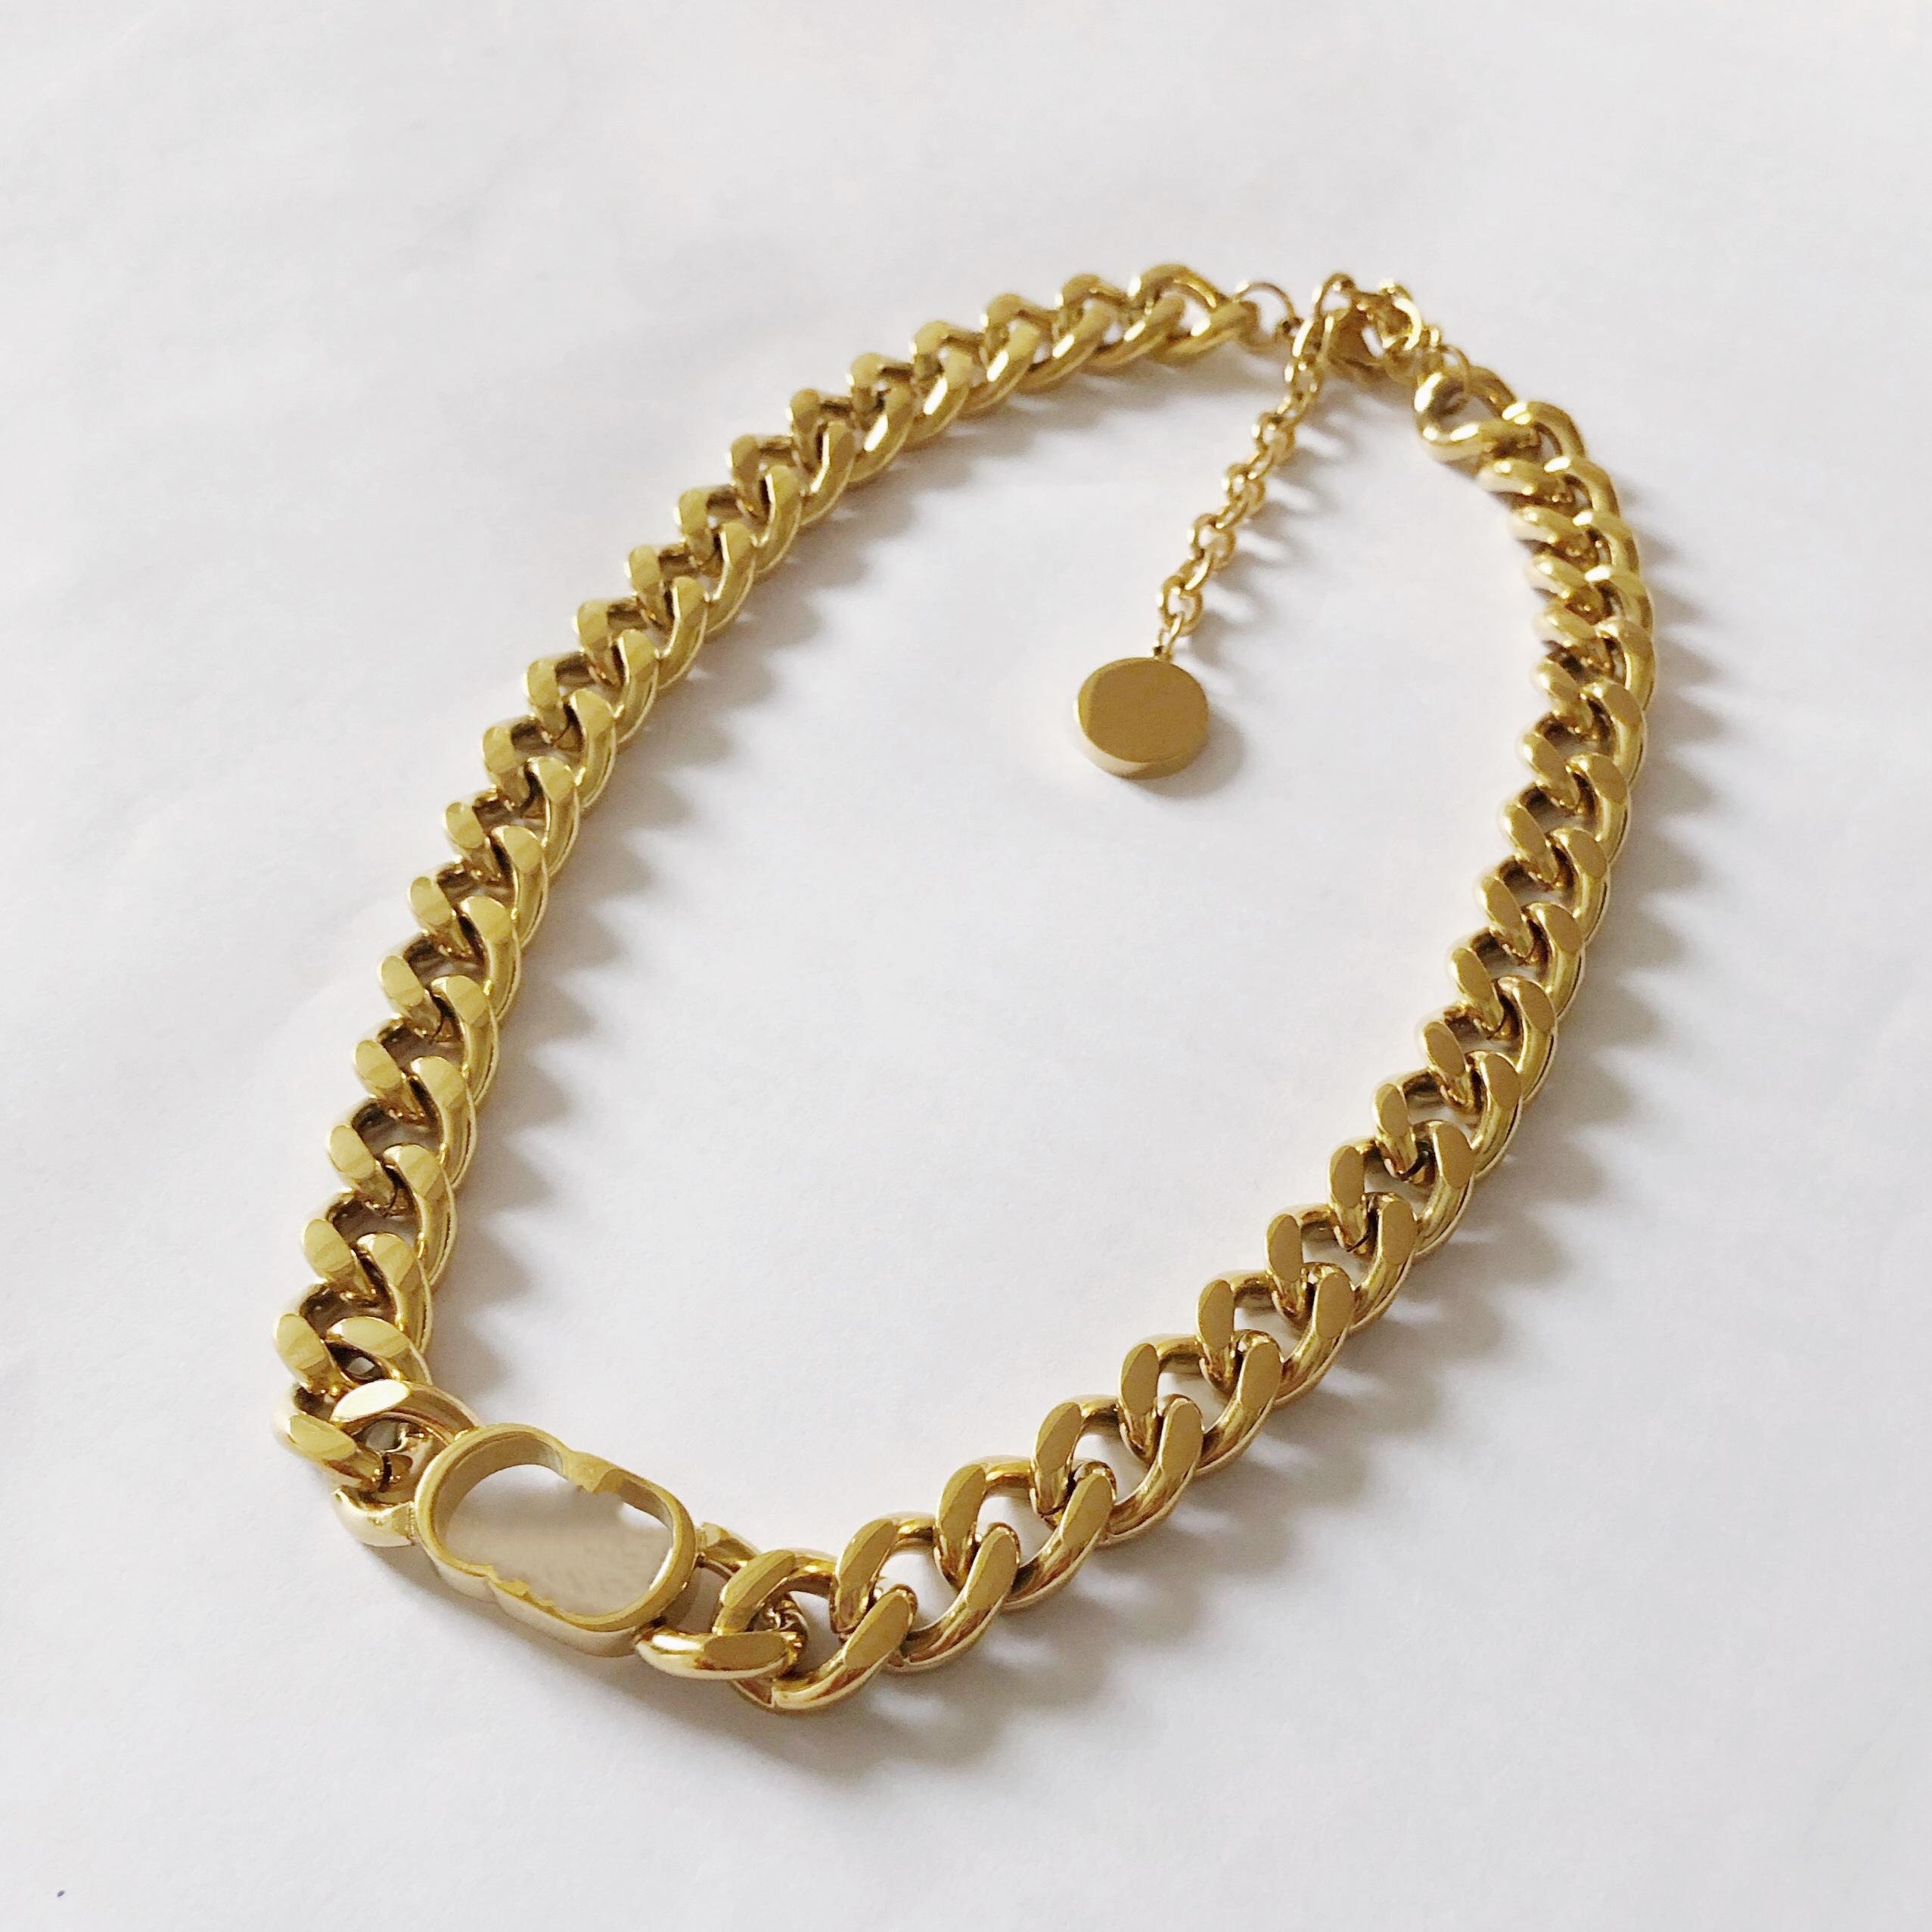 Designer de luxe bijoux ensembles boucles d'oreilles de mode Collier bracelet pour femmes et hommes argent or de la chaîne épaisse en acier inoxydable non fondue